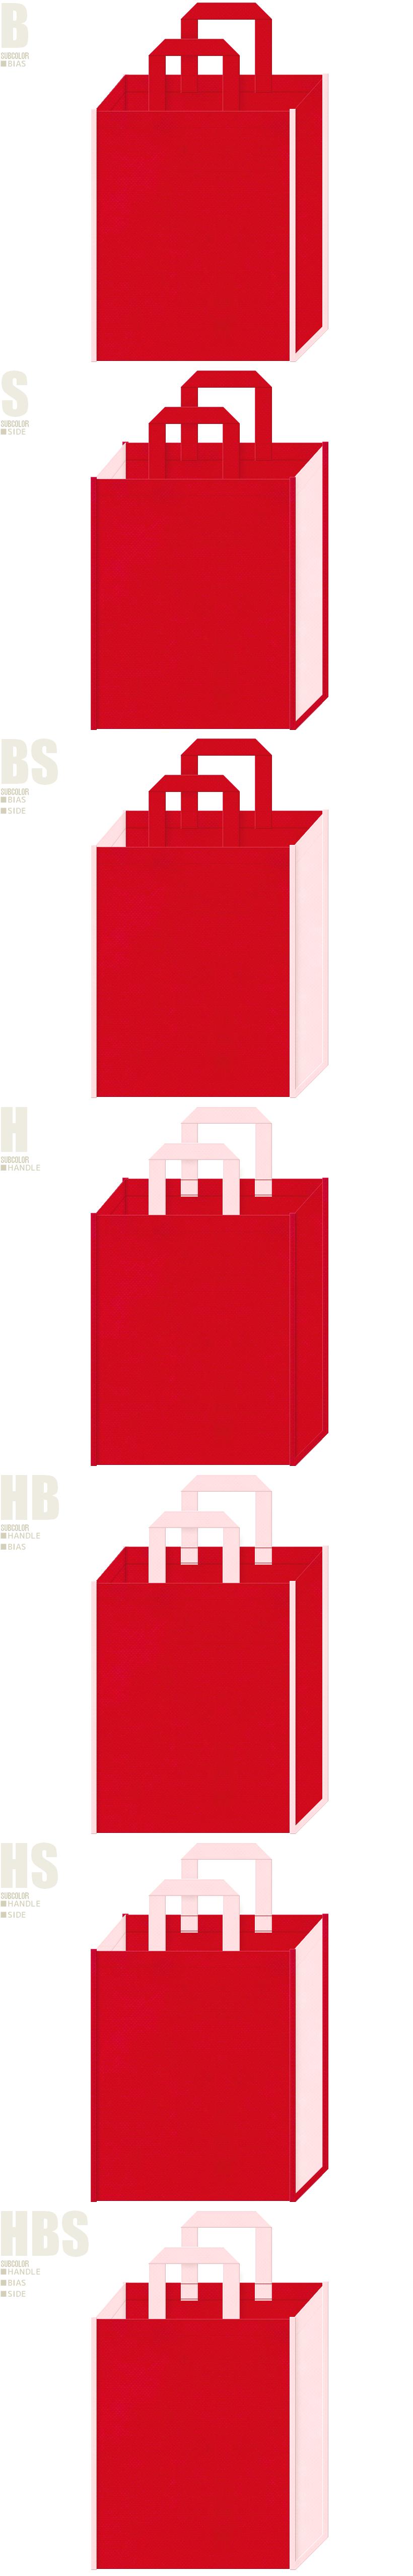 福袋・いちご大福・お正月・ひな祭り・カーネーション・母の日・和風催事にお奨めの不織布バッグデザイン:紅色と桜色の配色7パターン